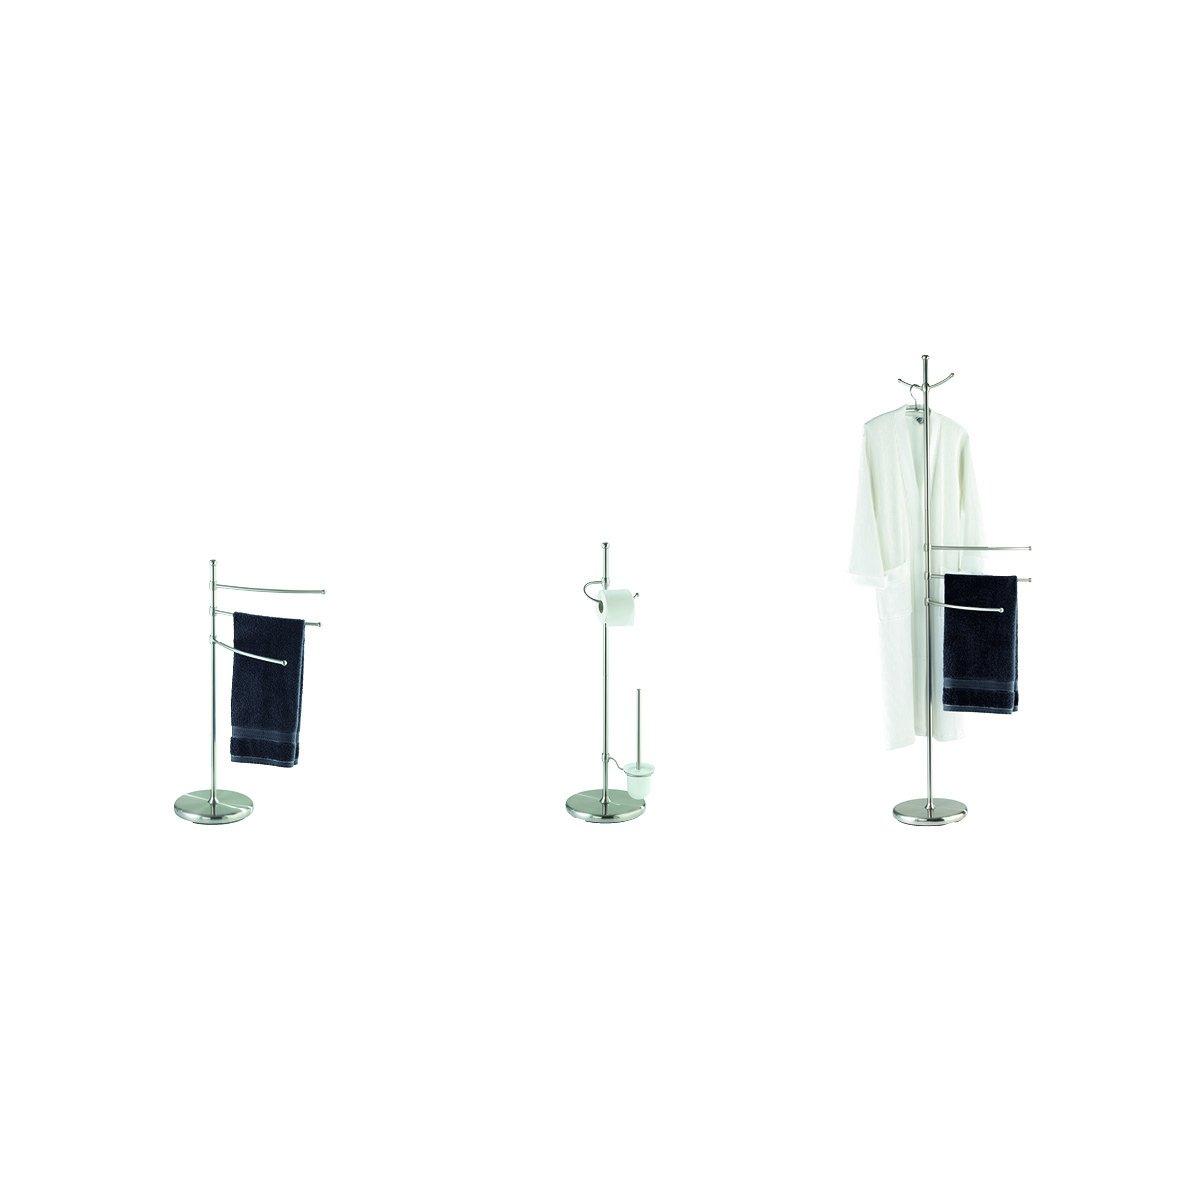 Regolabile in Altezza Vetro Opaco Satinato 28 x 88 x 28 cm Acciaio Wenko Colonnina Portarotolo e Portascopino Adiamo